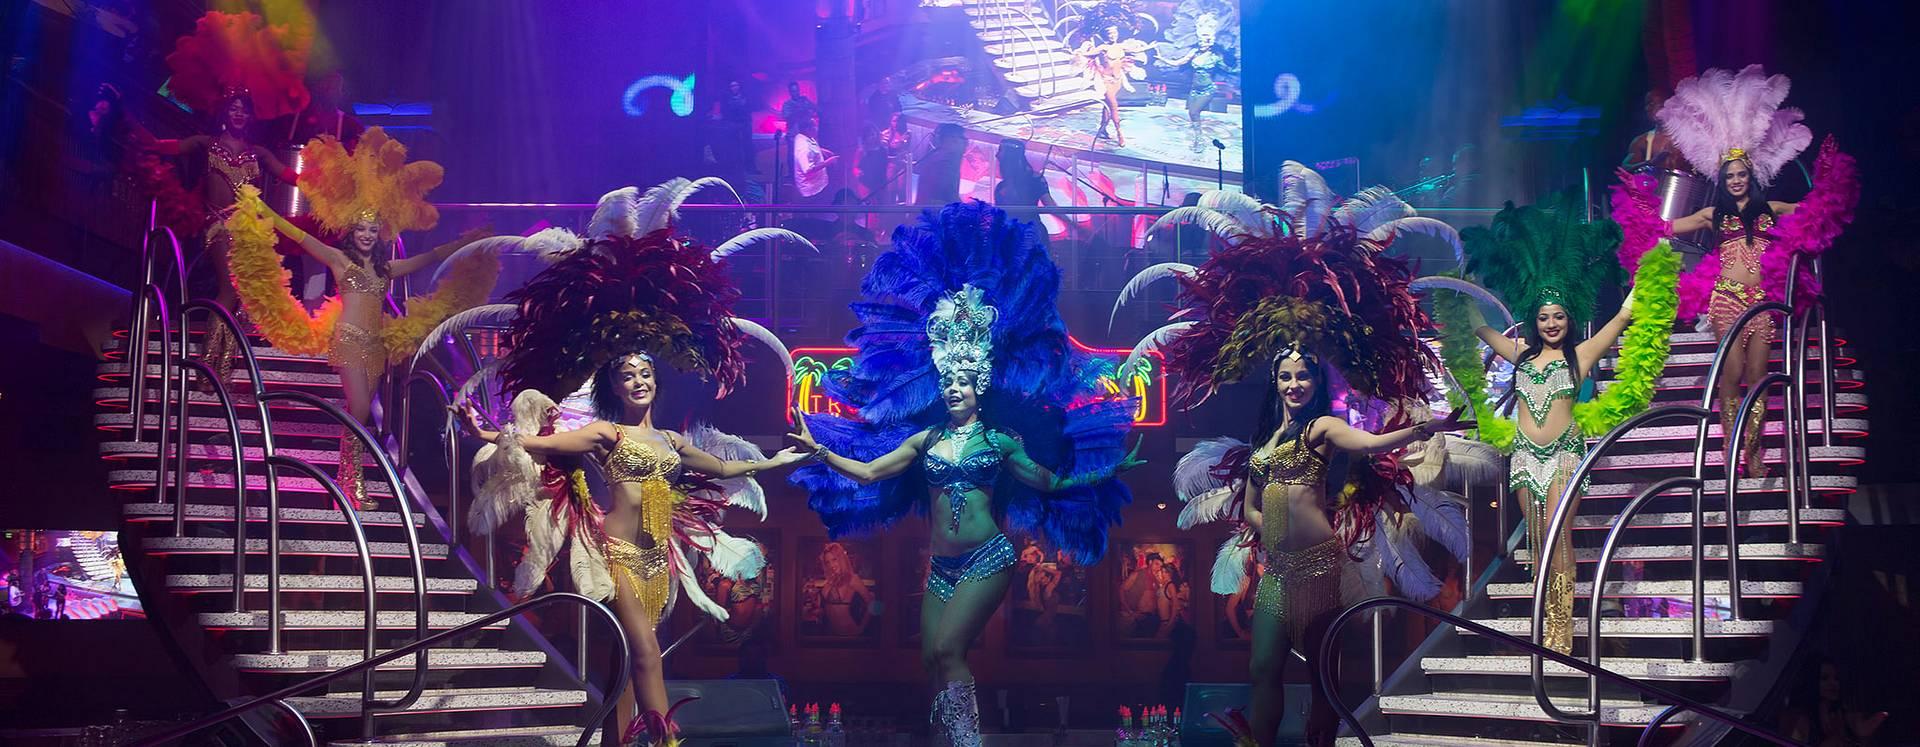 Mango's Tropical Cafe Orlando Samba Show dancers